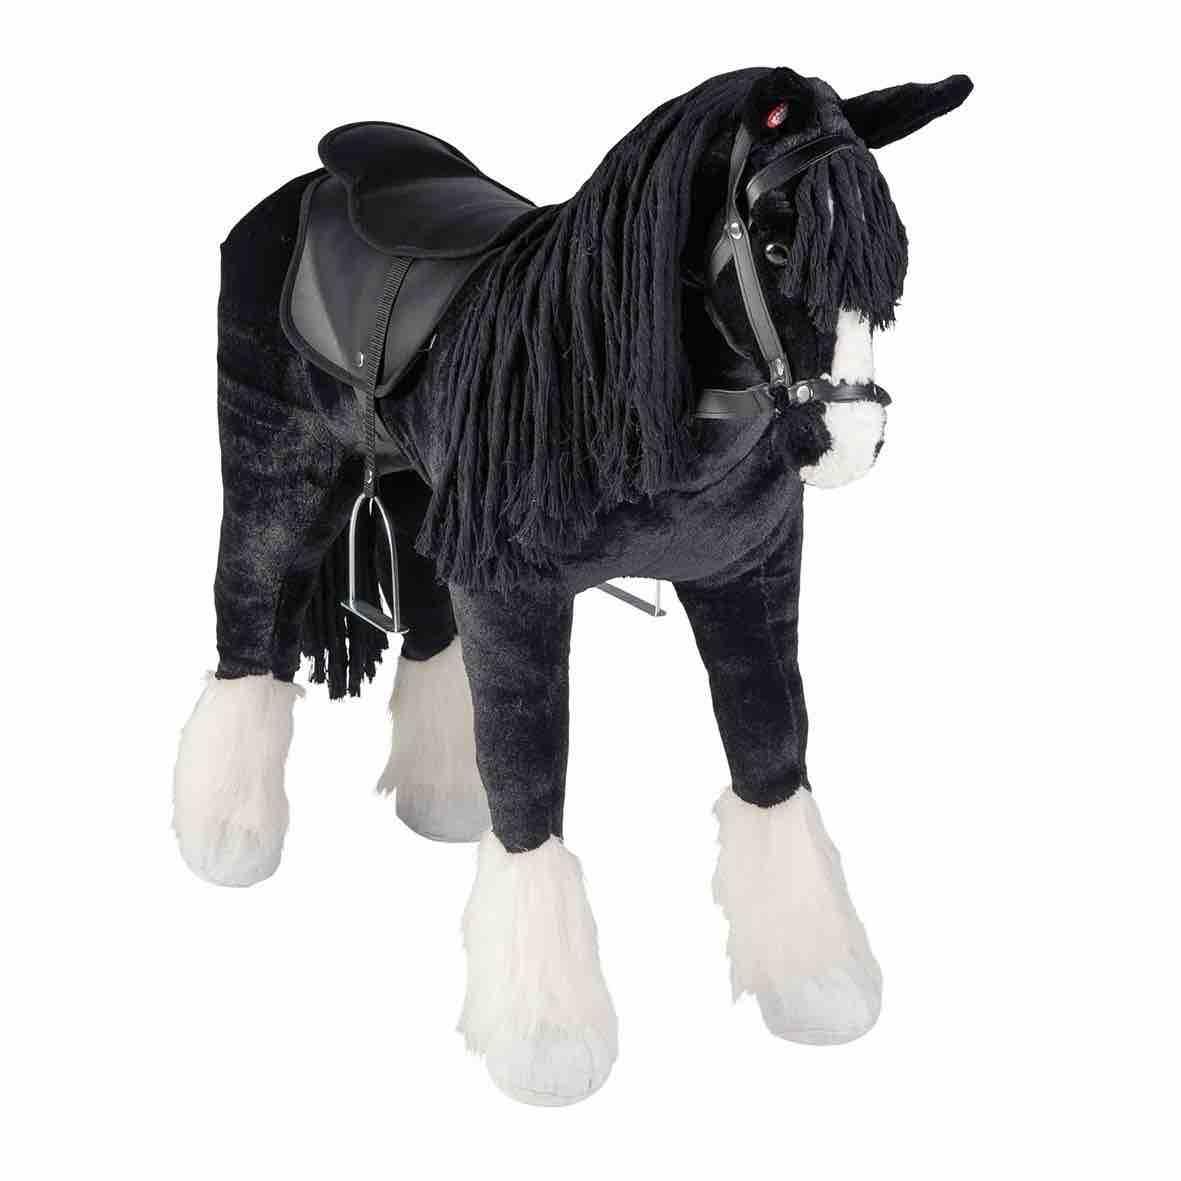 Happy People Pferd Shire Horse, ein wunderschönes Spielpferd zum Reiten.